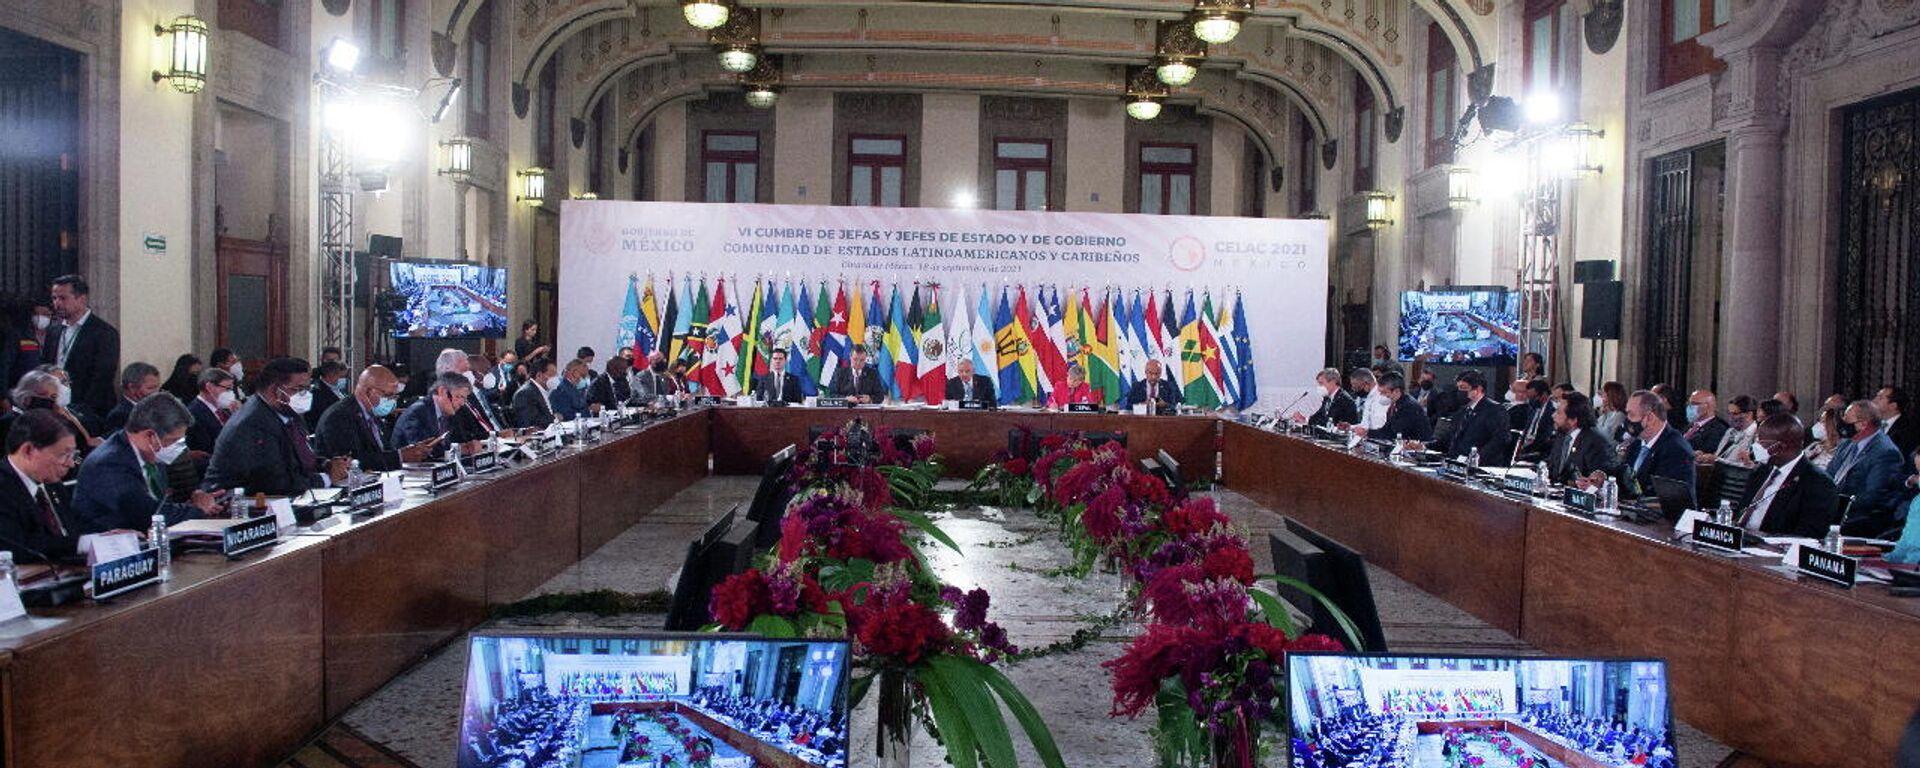 La VI Cumbre de la Comunidad de Estados Latinoamericanos y Caribeños (CELAC) - Sputnik Mundo, 1920, 18.09.2021